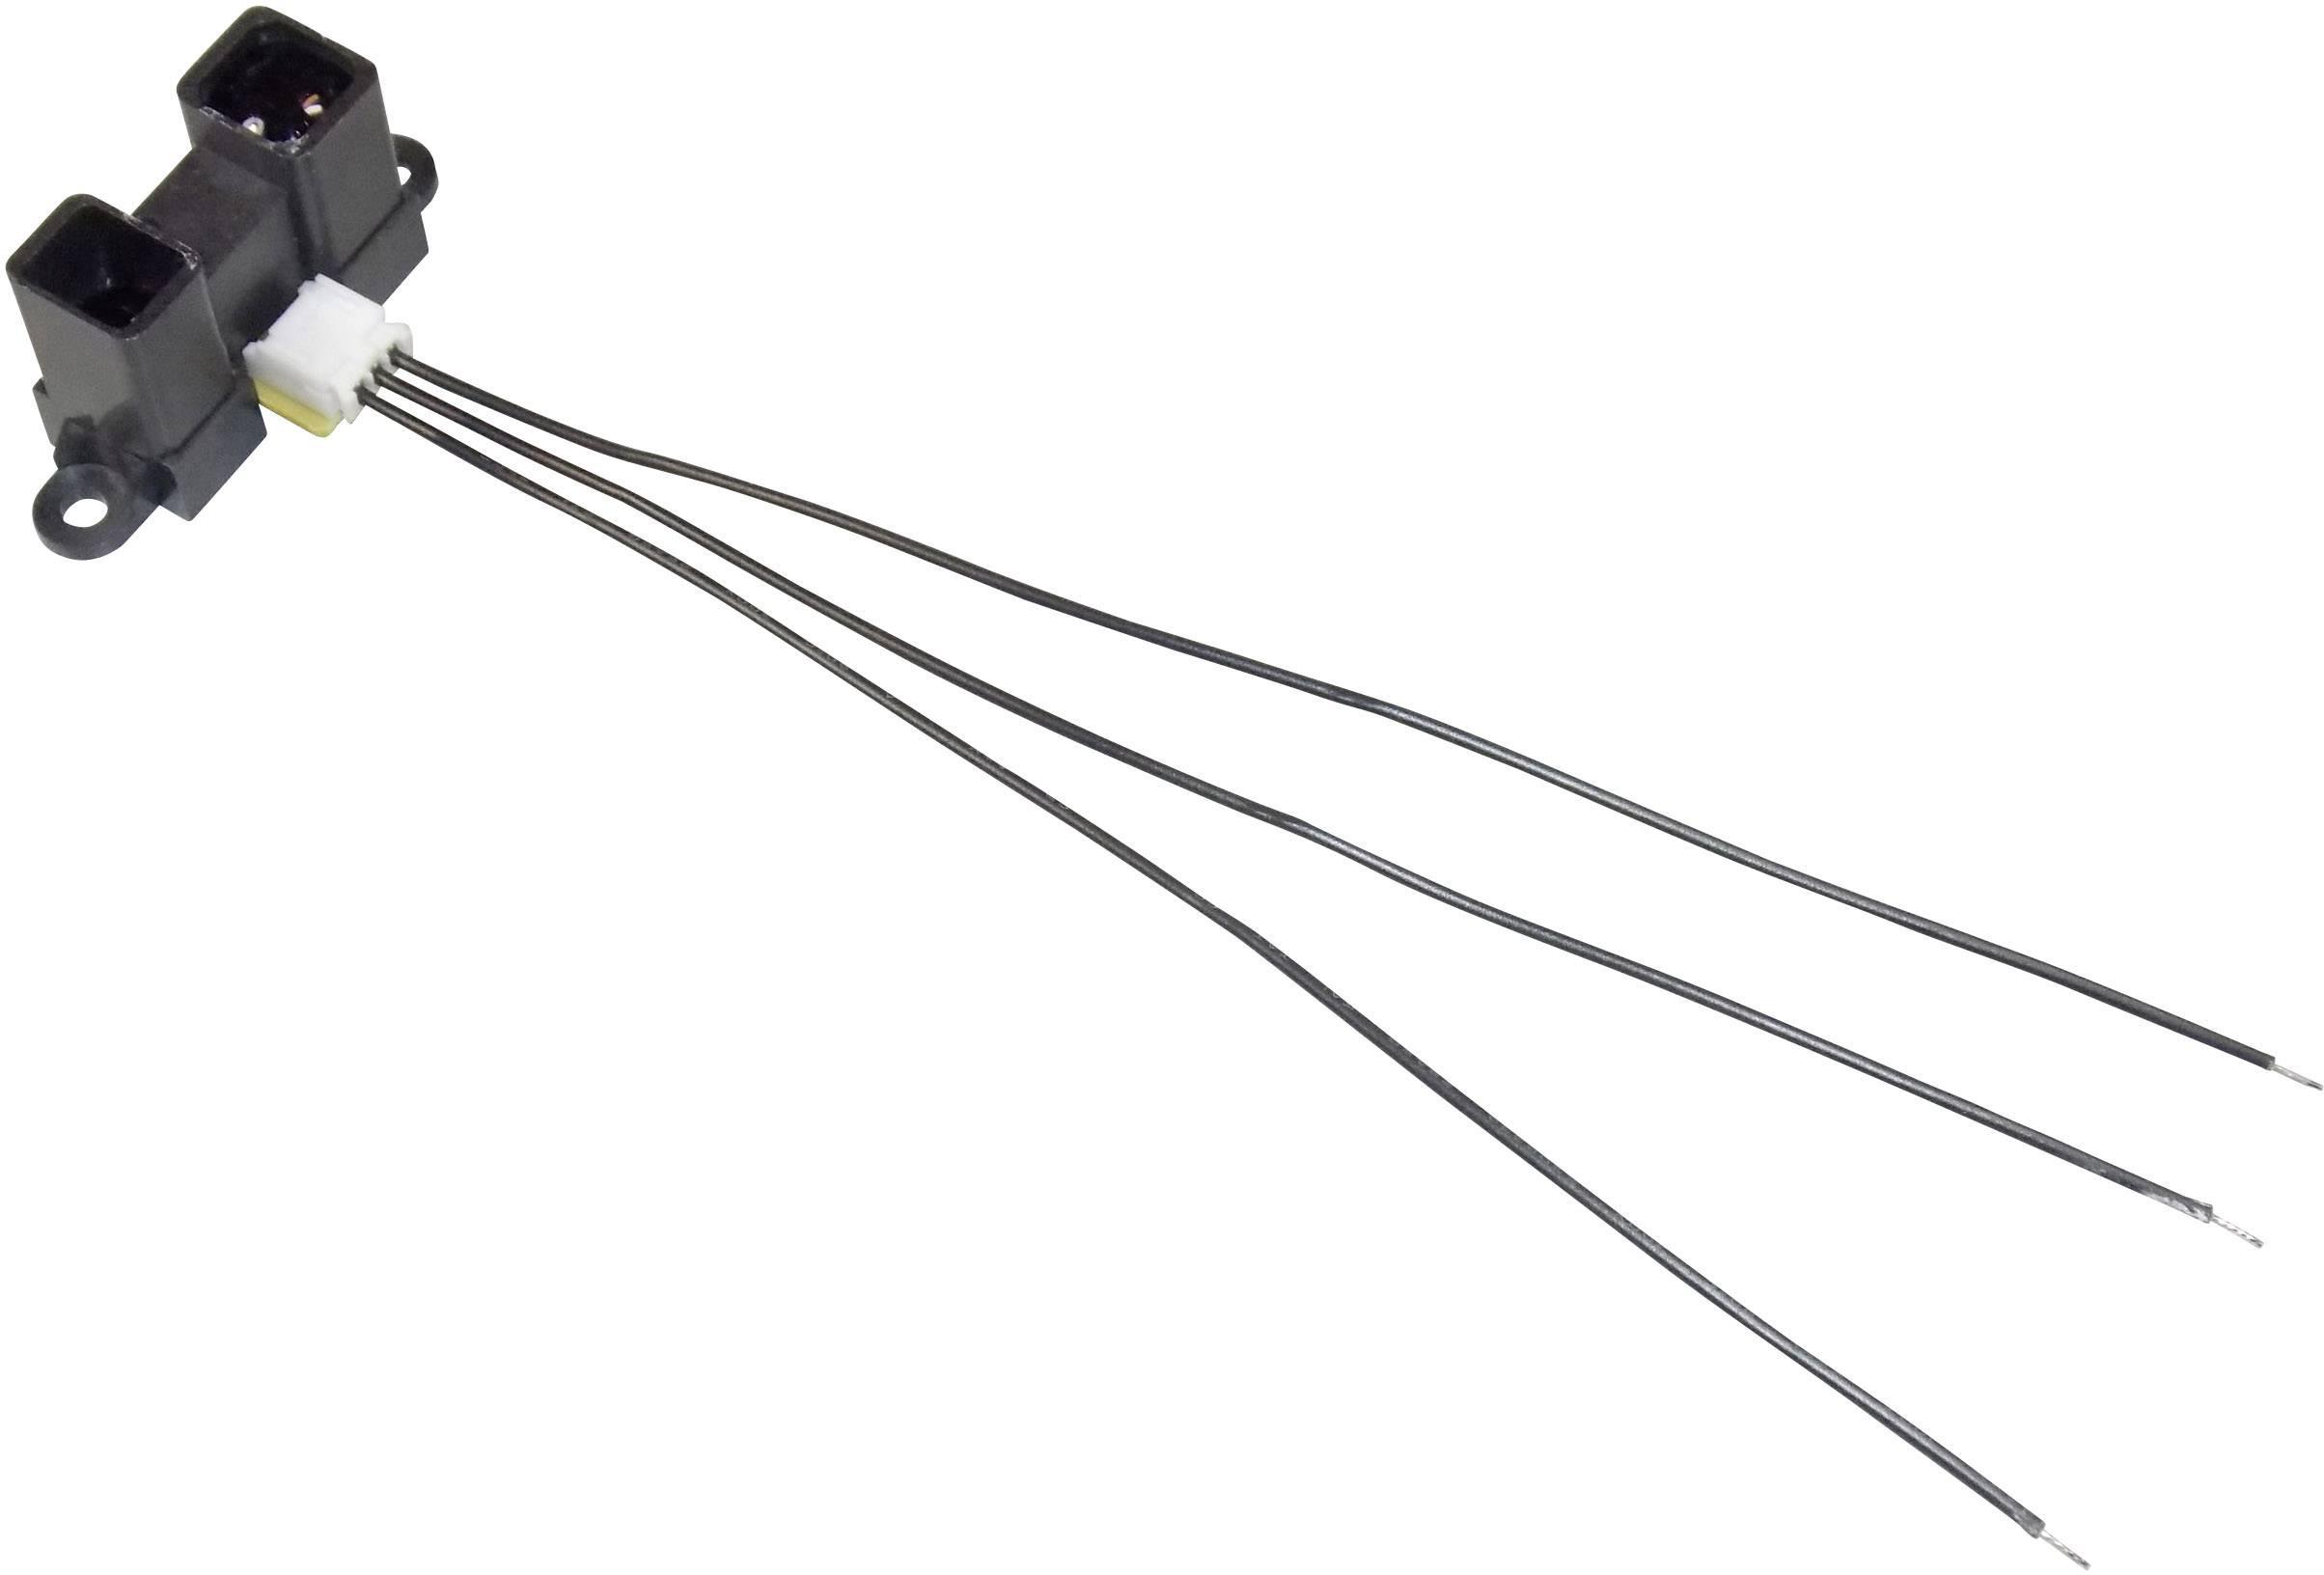 Senzor pro měření vzdálenosti Sharp GP2Y0A02YK, rozsah 20 až 150 cm, 5 V/DC